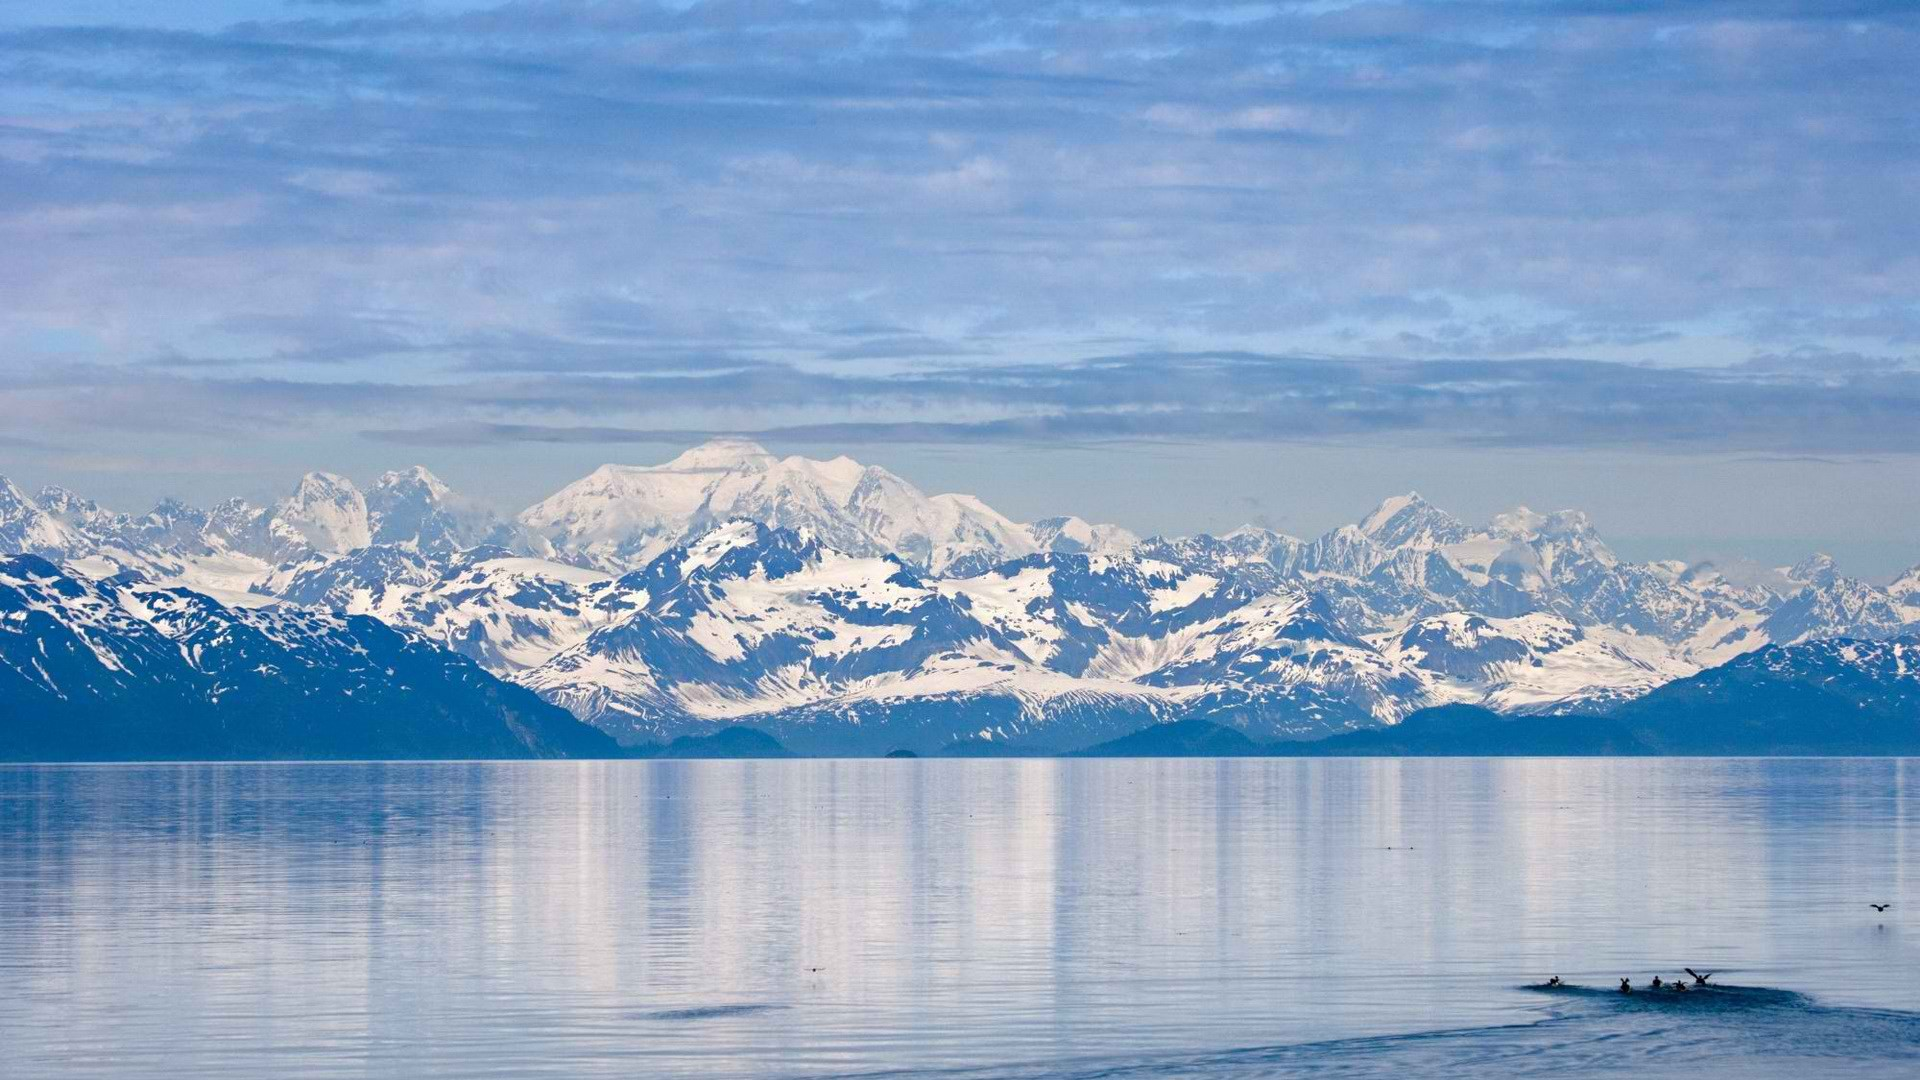 эль кантауи аляска сегодня фотографии автоспуск